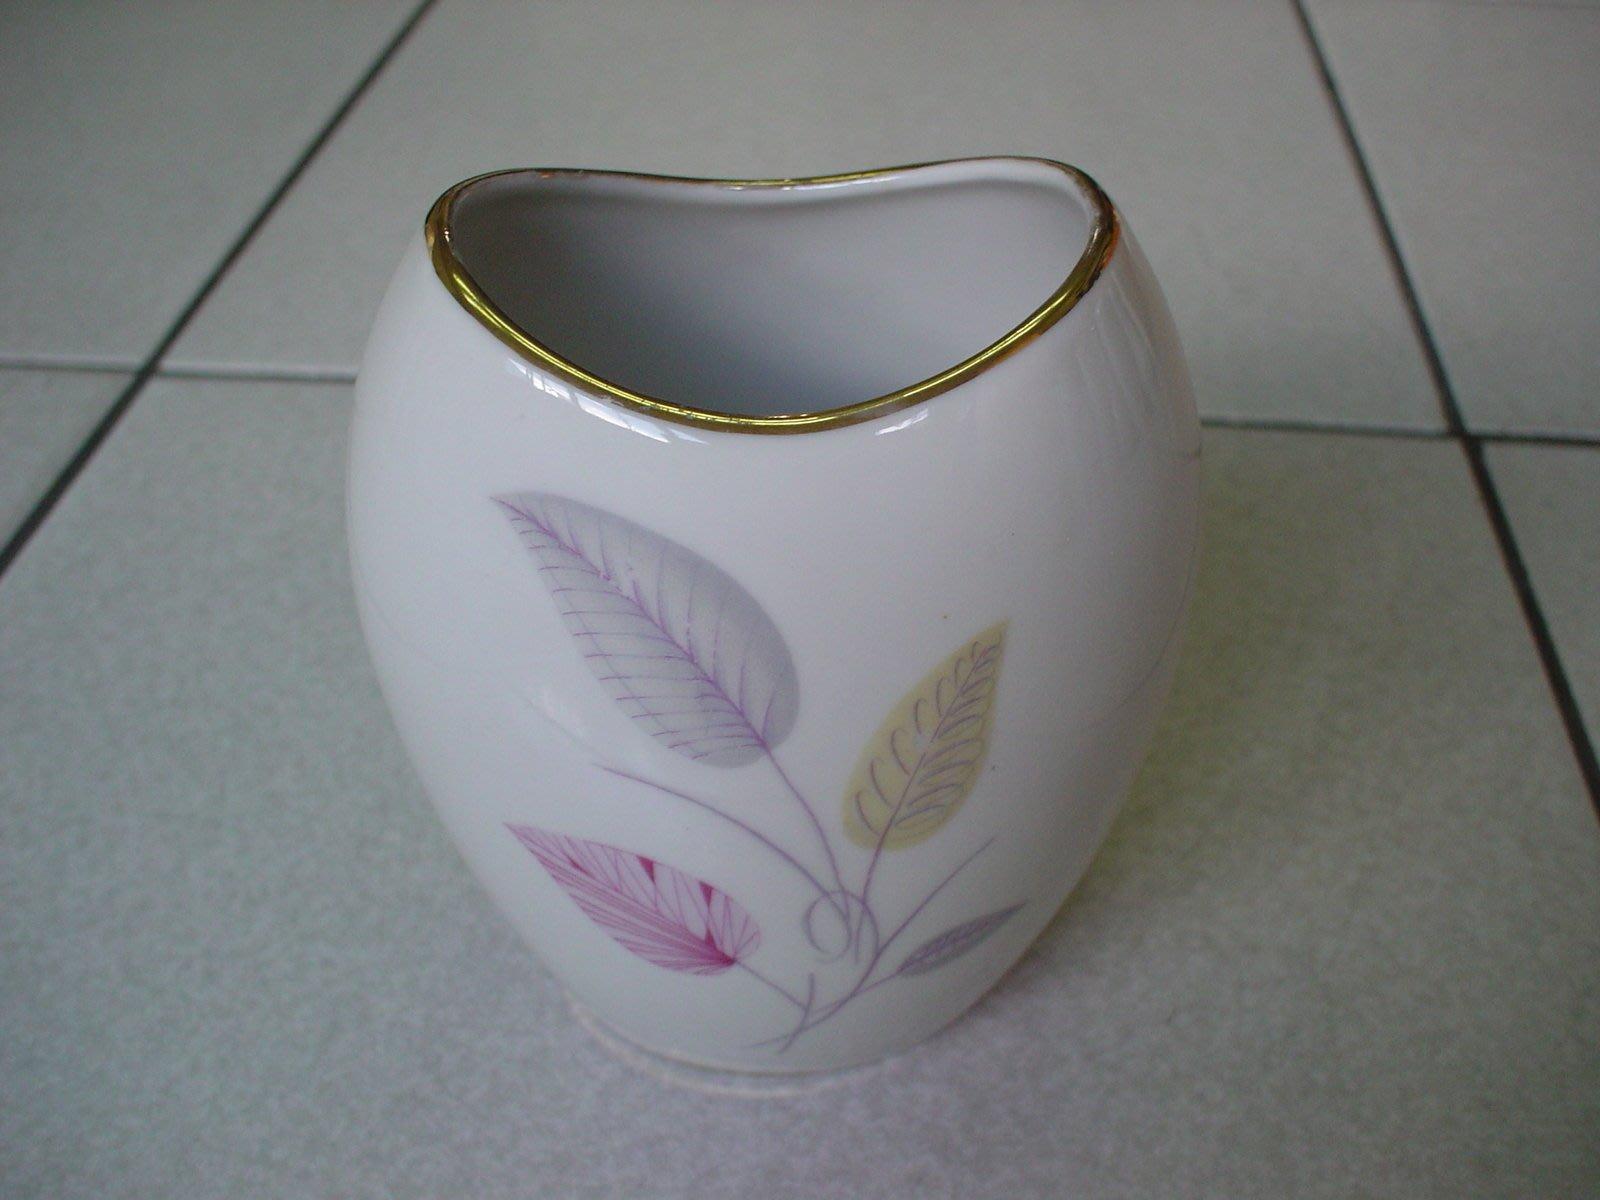 德國WINTERLING BAVARIA古董瓷器花瓶,花瓶品相超優,保存完美,值得珍藏【A84】